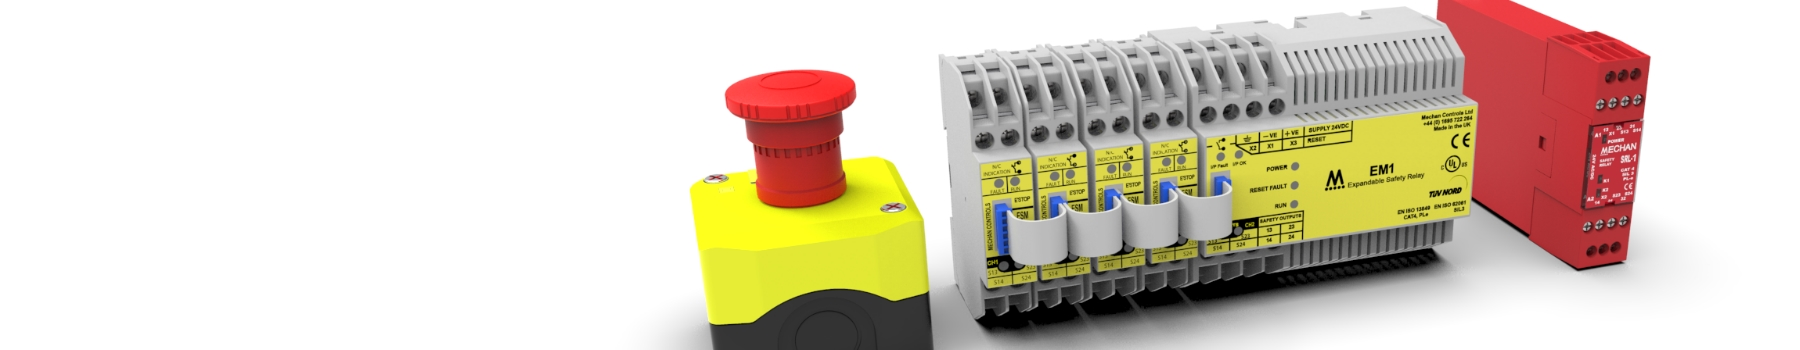 SSR | Mechan Safety Interlock Switches RFID Safety Interlock